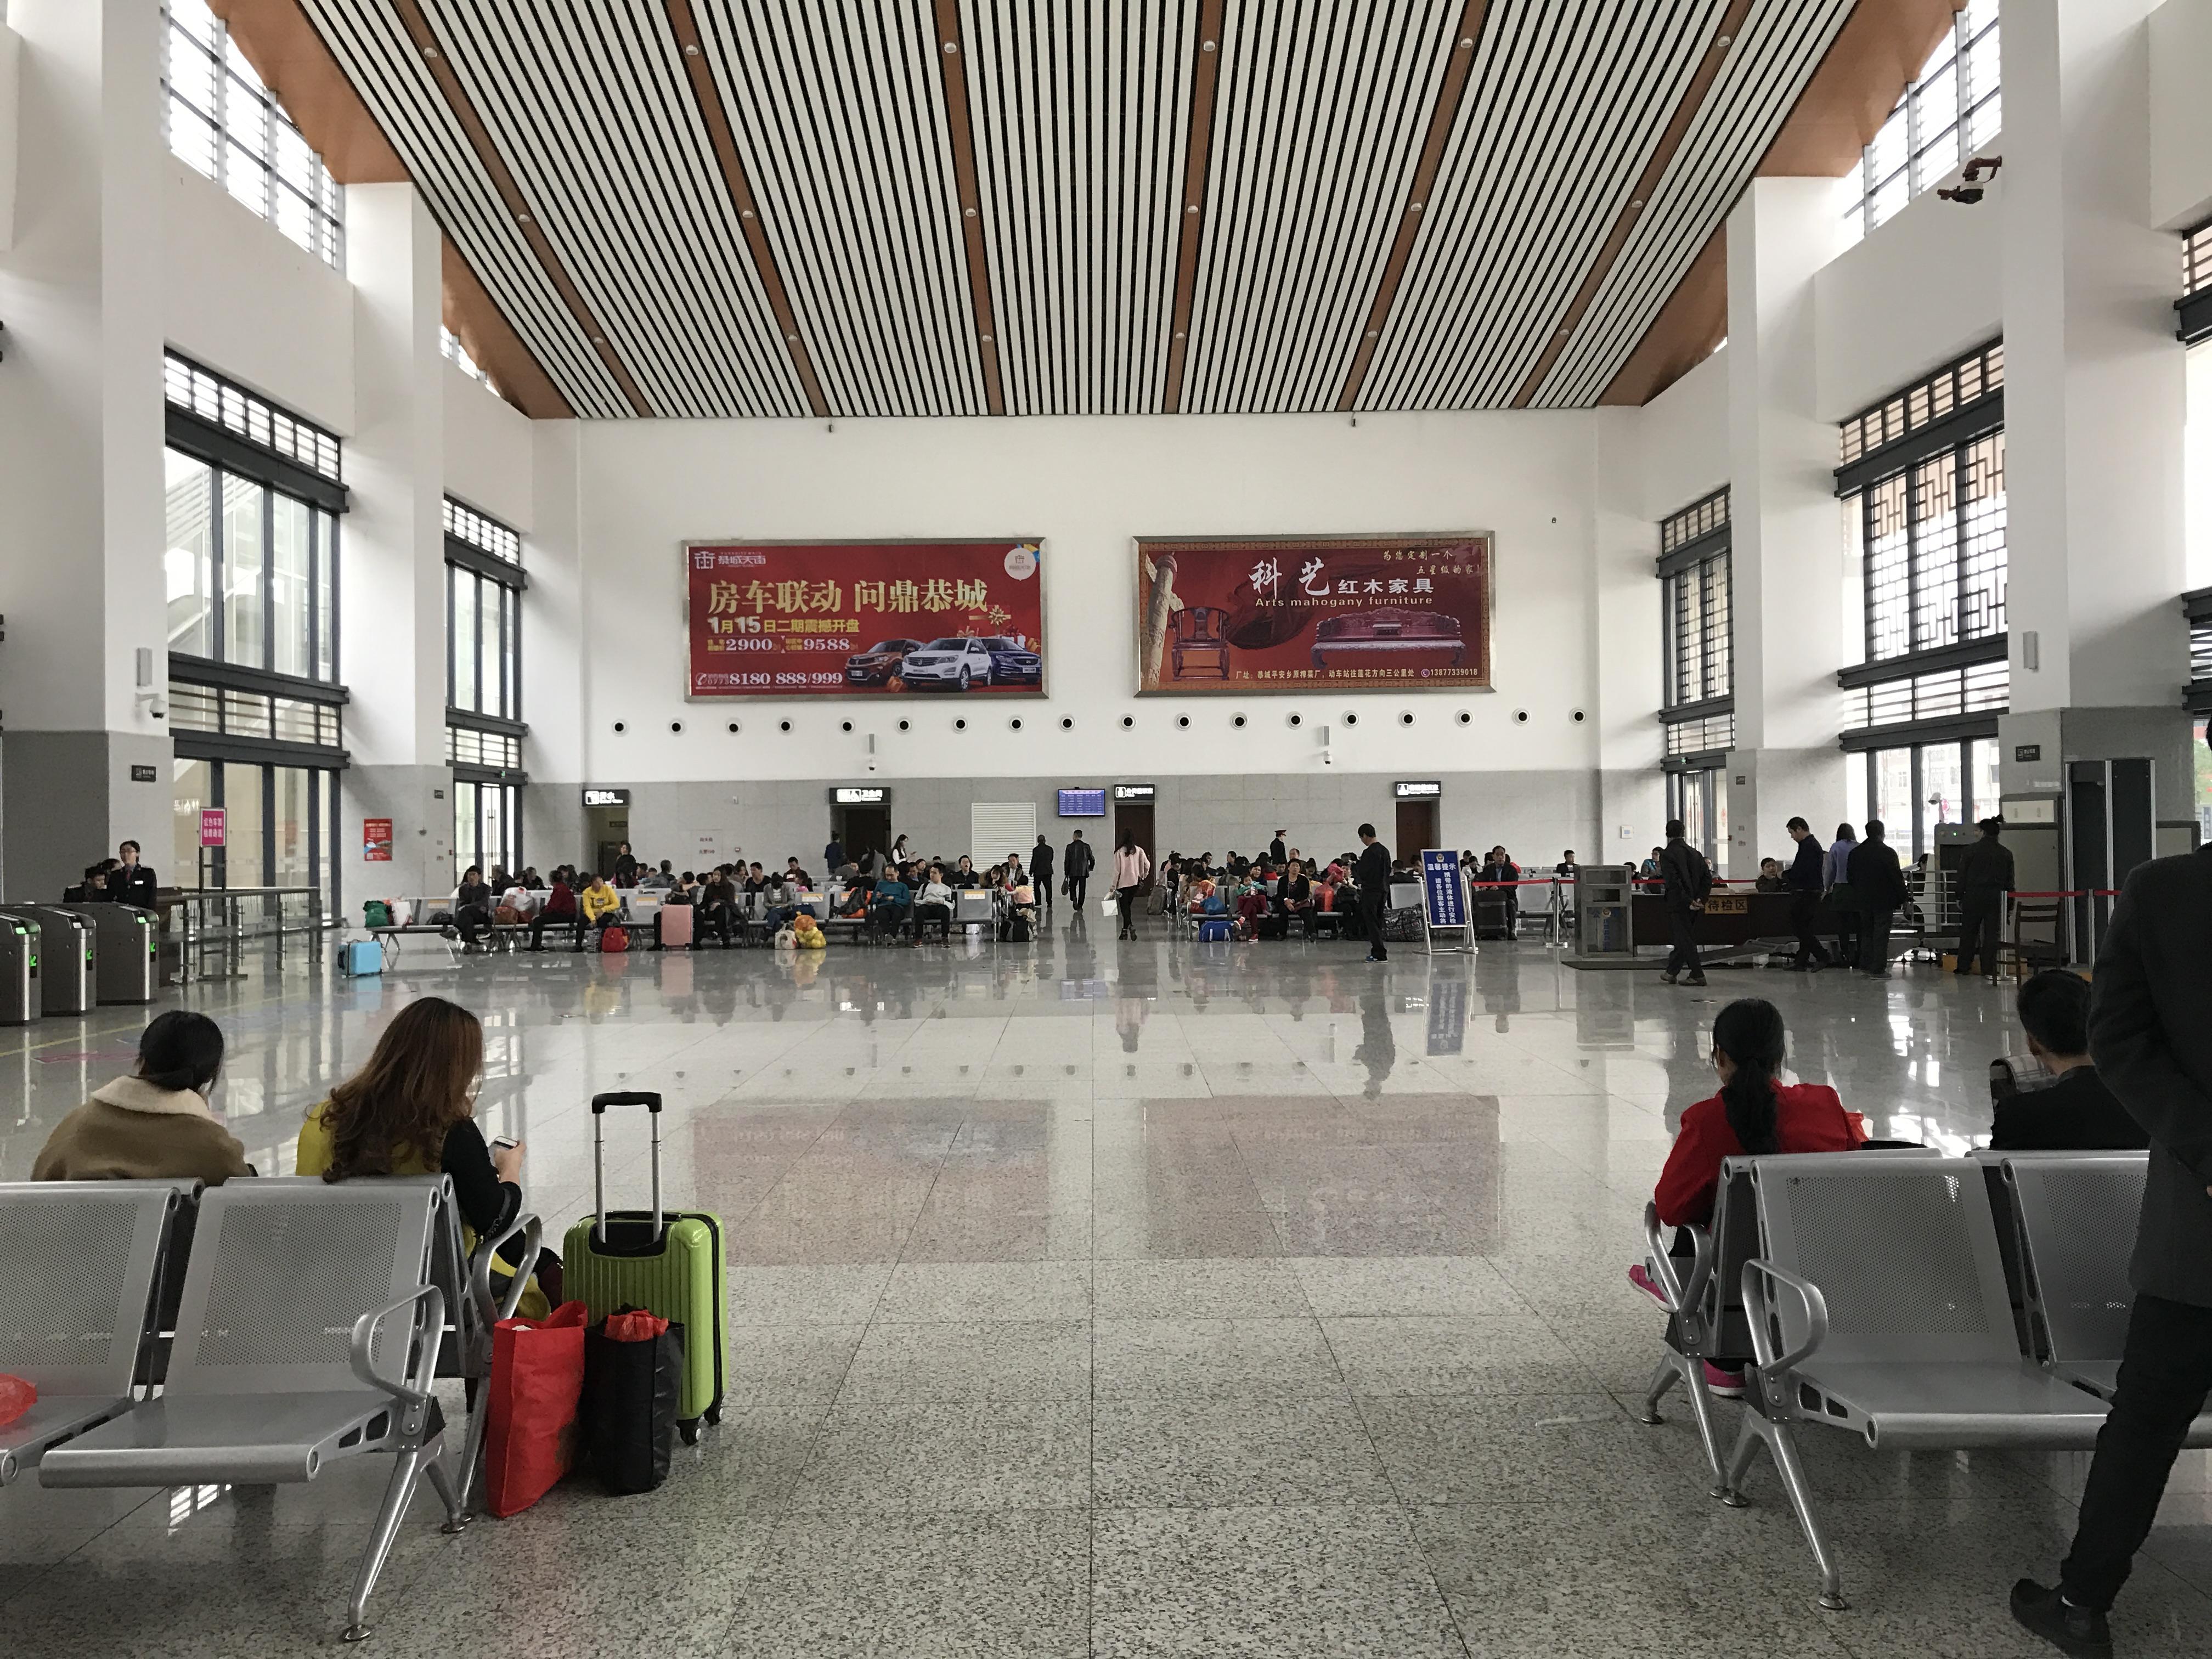 广西桂林市恭城站火车站高铁站候车大厅灯箱媒体广告位